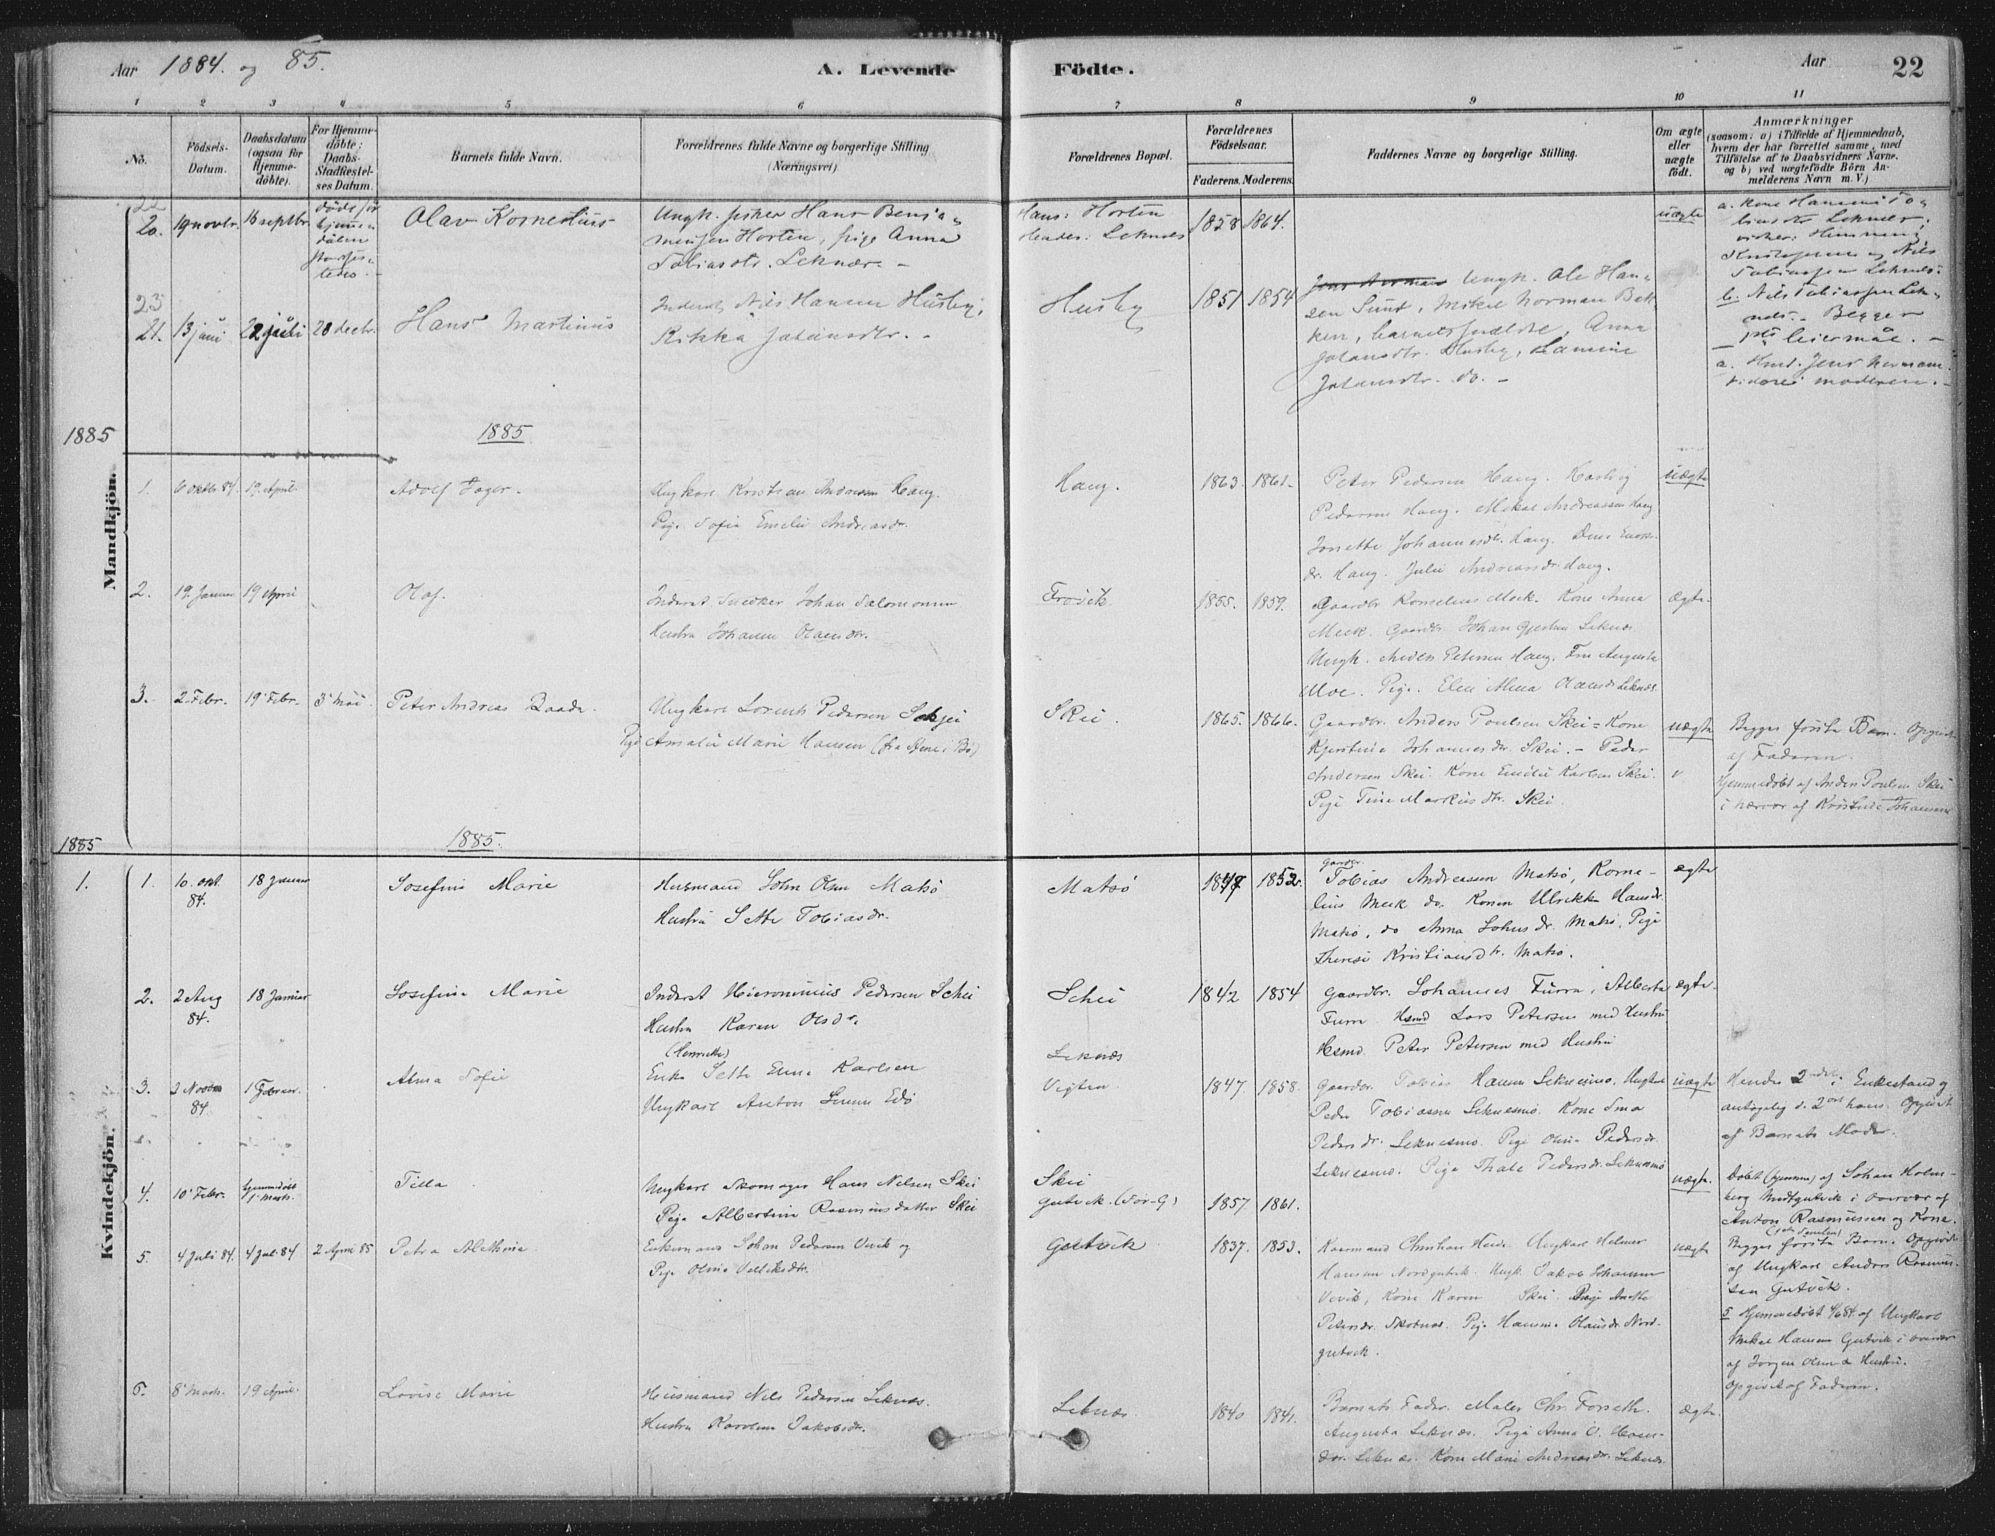 SAT, Ministerialprotokoller, klokkerbøker og fødselsregistre - Nord-Trøndelag, 788/L0697: Ministerialbok nr. 788A04, 1878-1902, s. 22